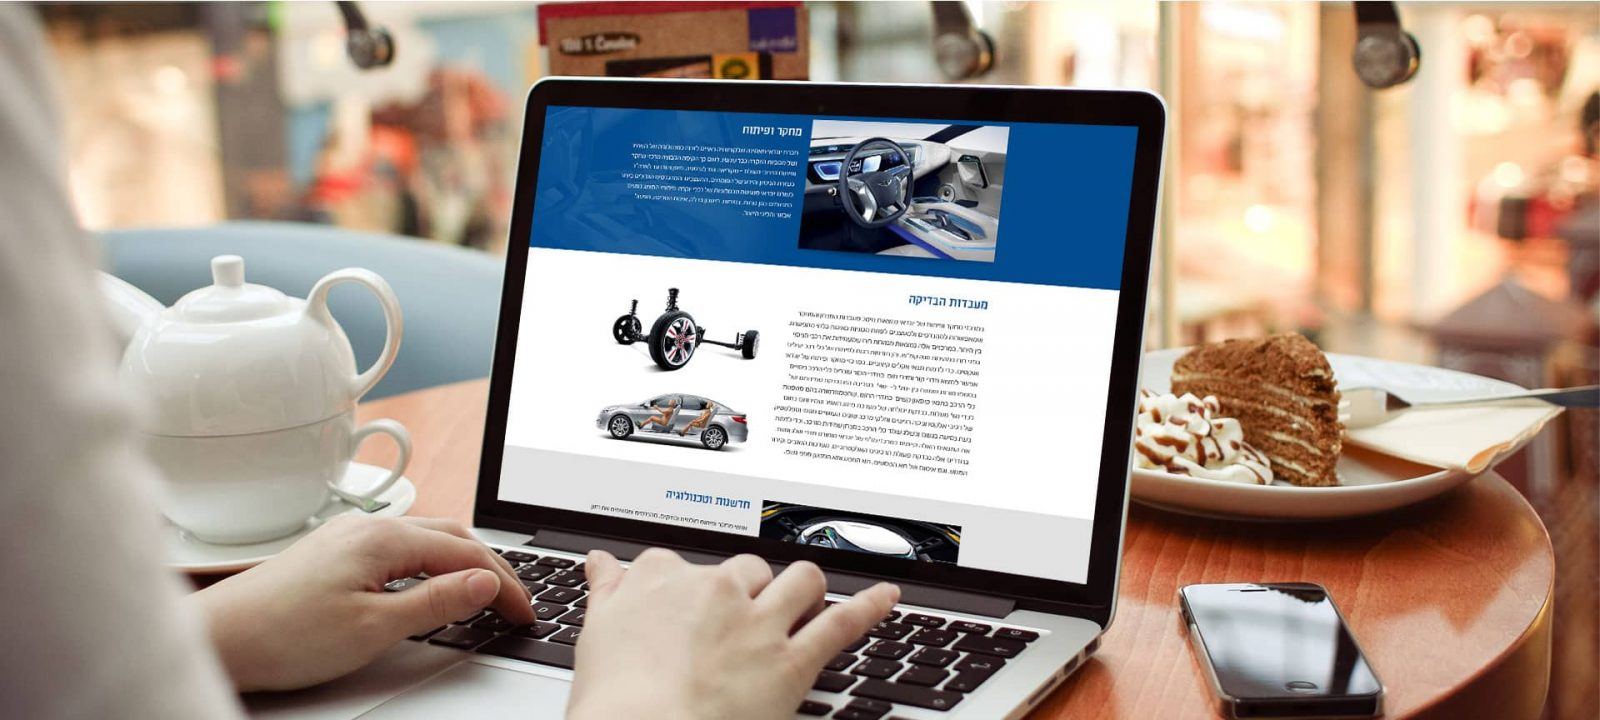 פרויקט עיצוב אתר אינטרנט מקצועי: אולם תצוגה – הילוך שישי